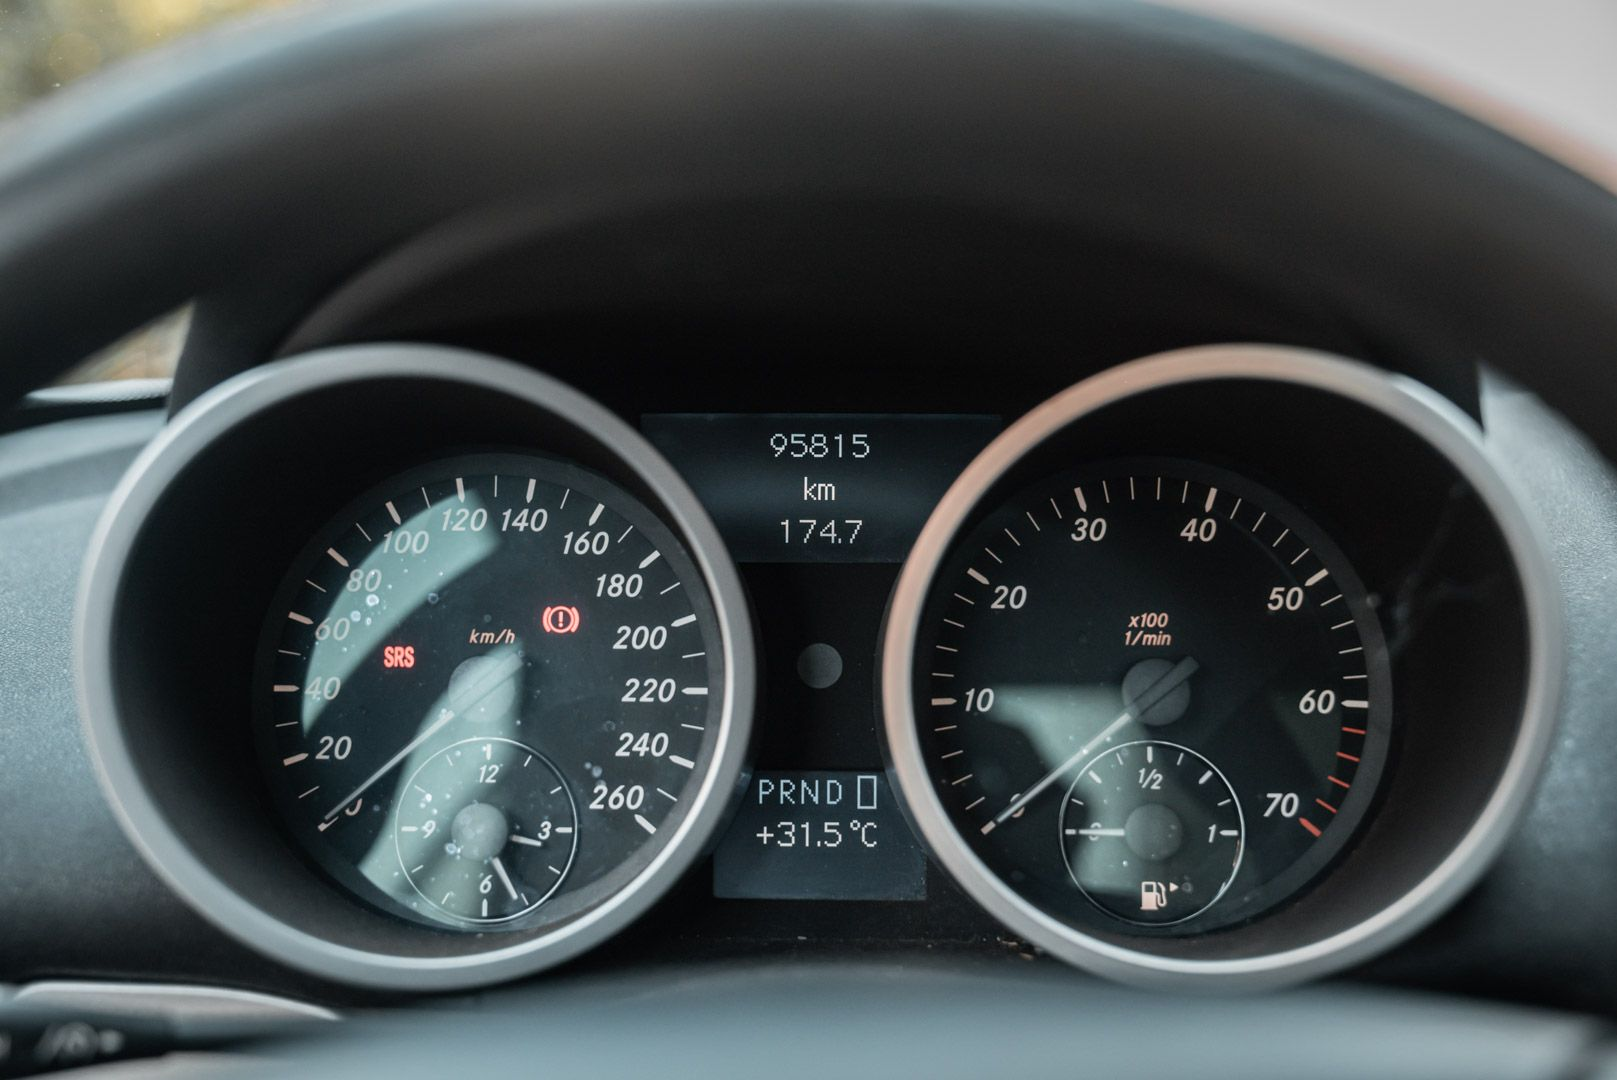 2004 Mercedes Benz SLK 200 Kompressor 80687